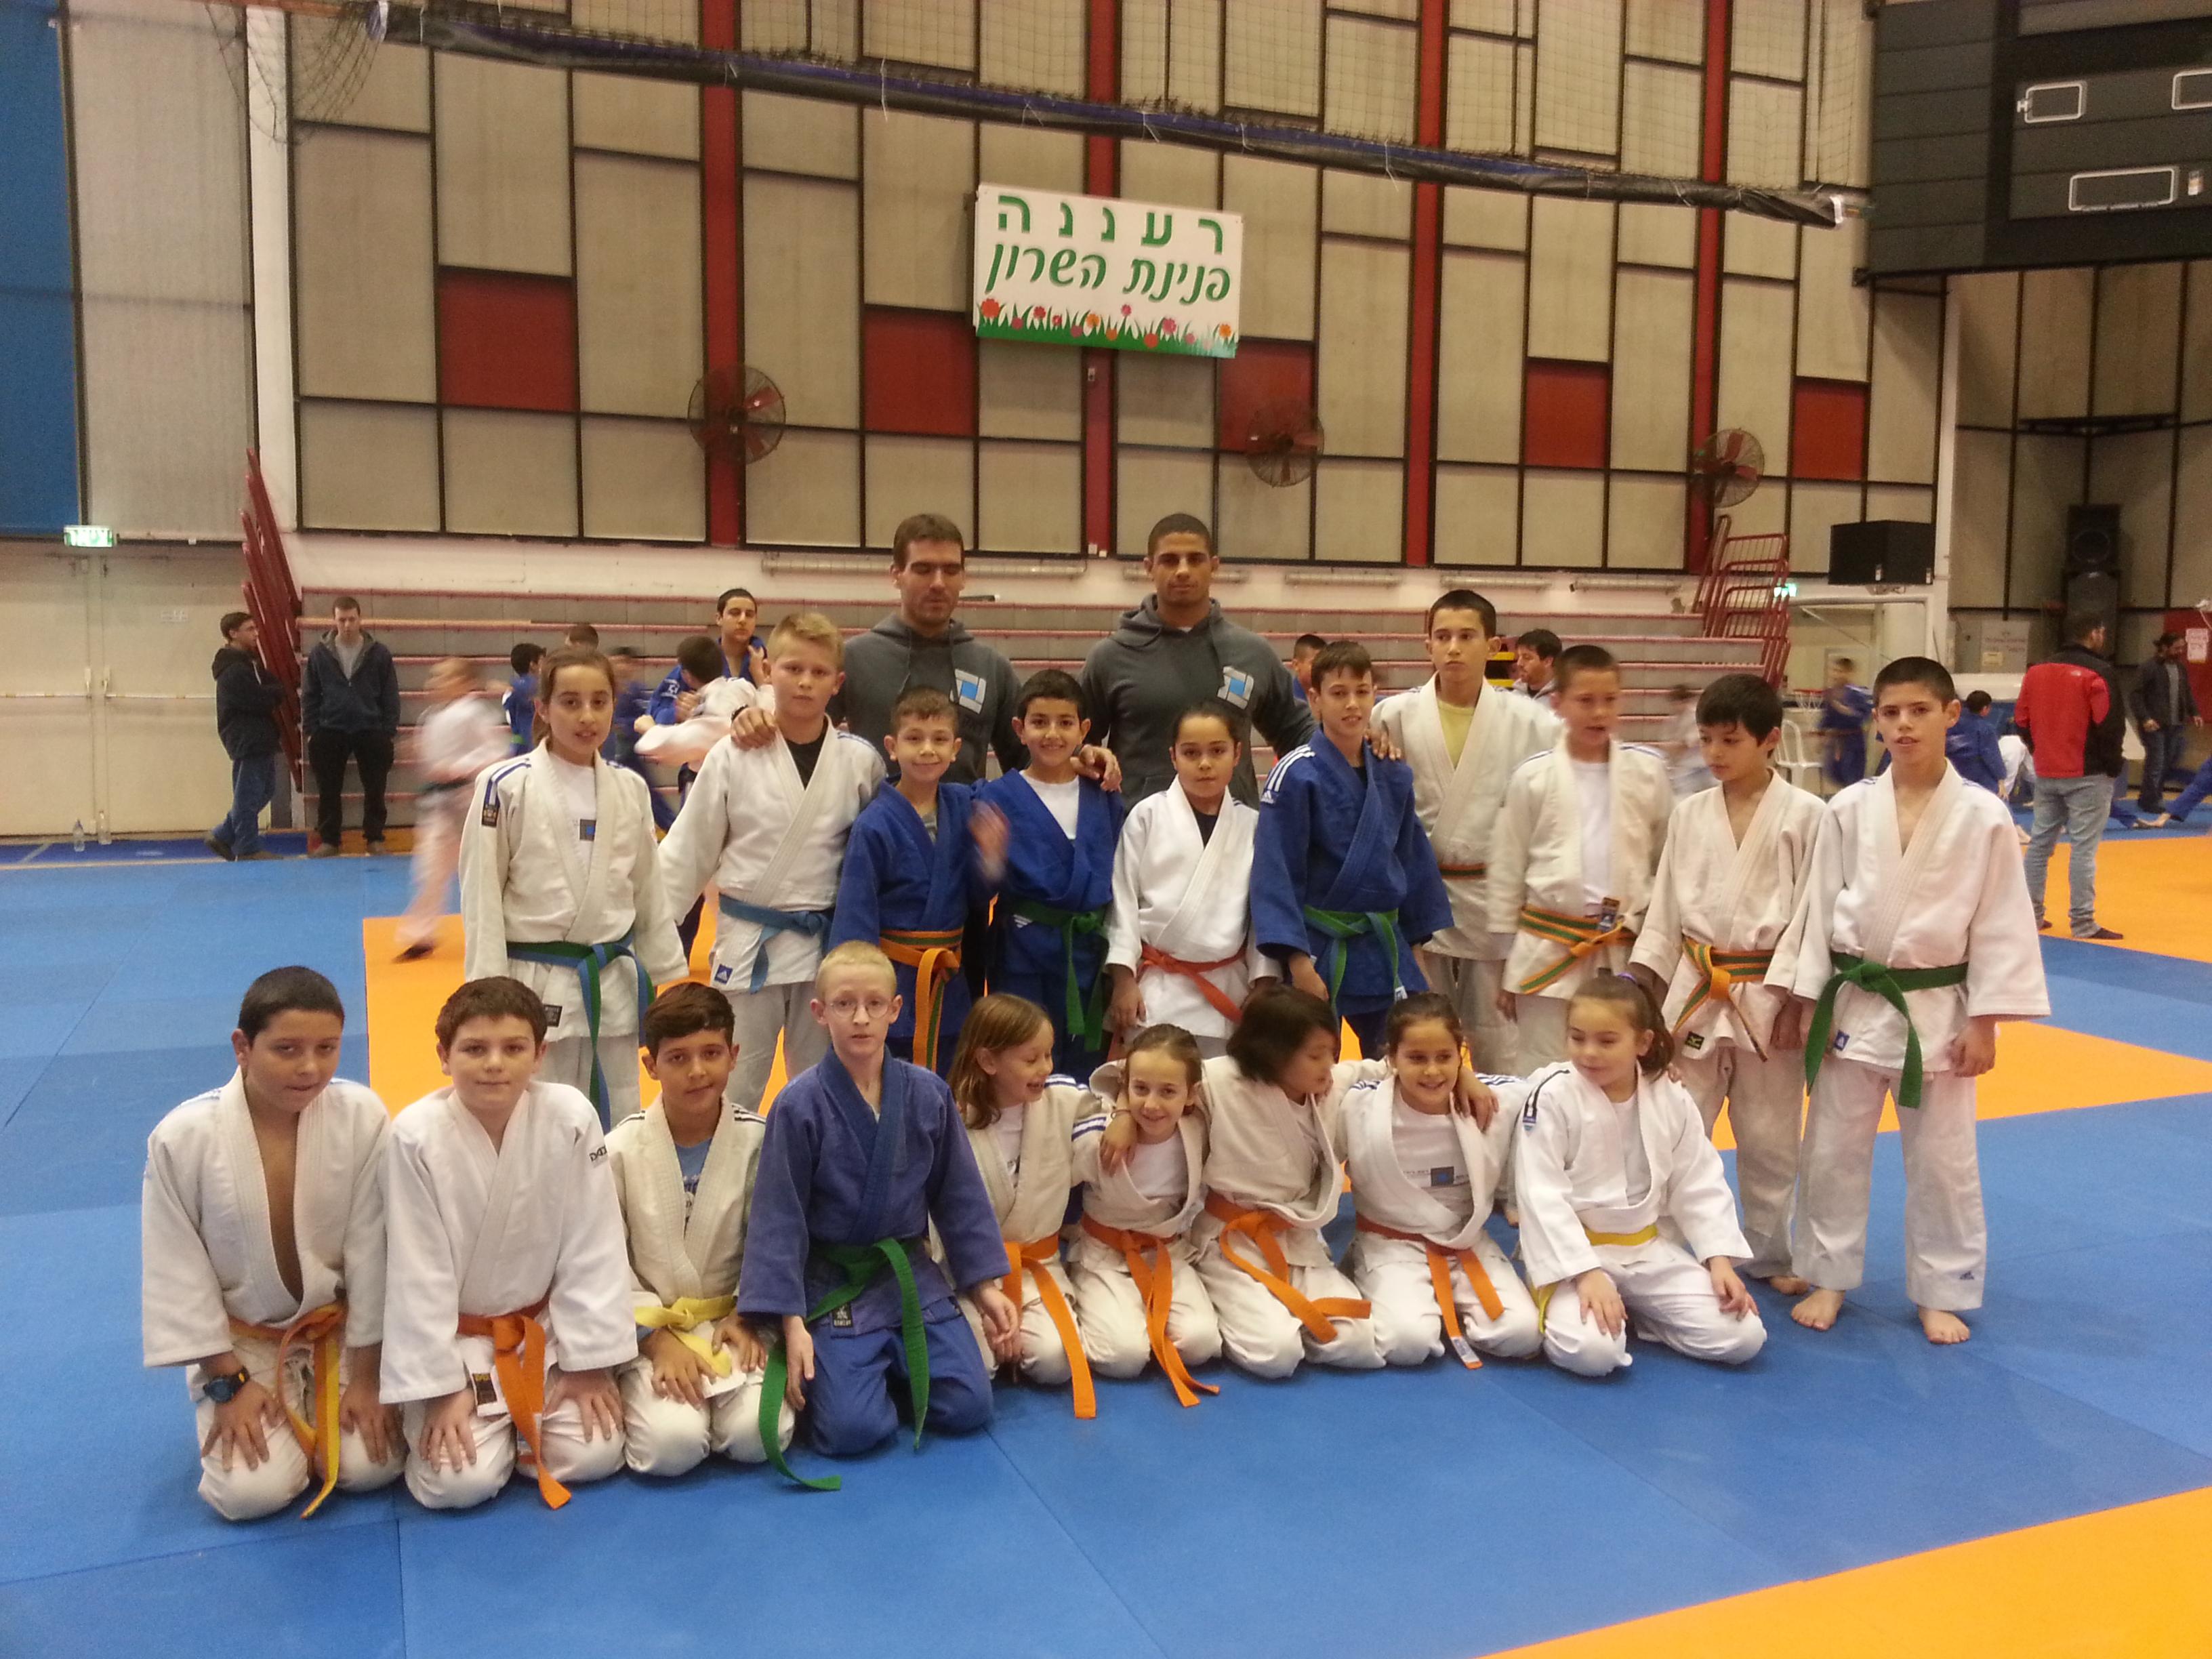 אליפות איגוד 2015